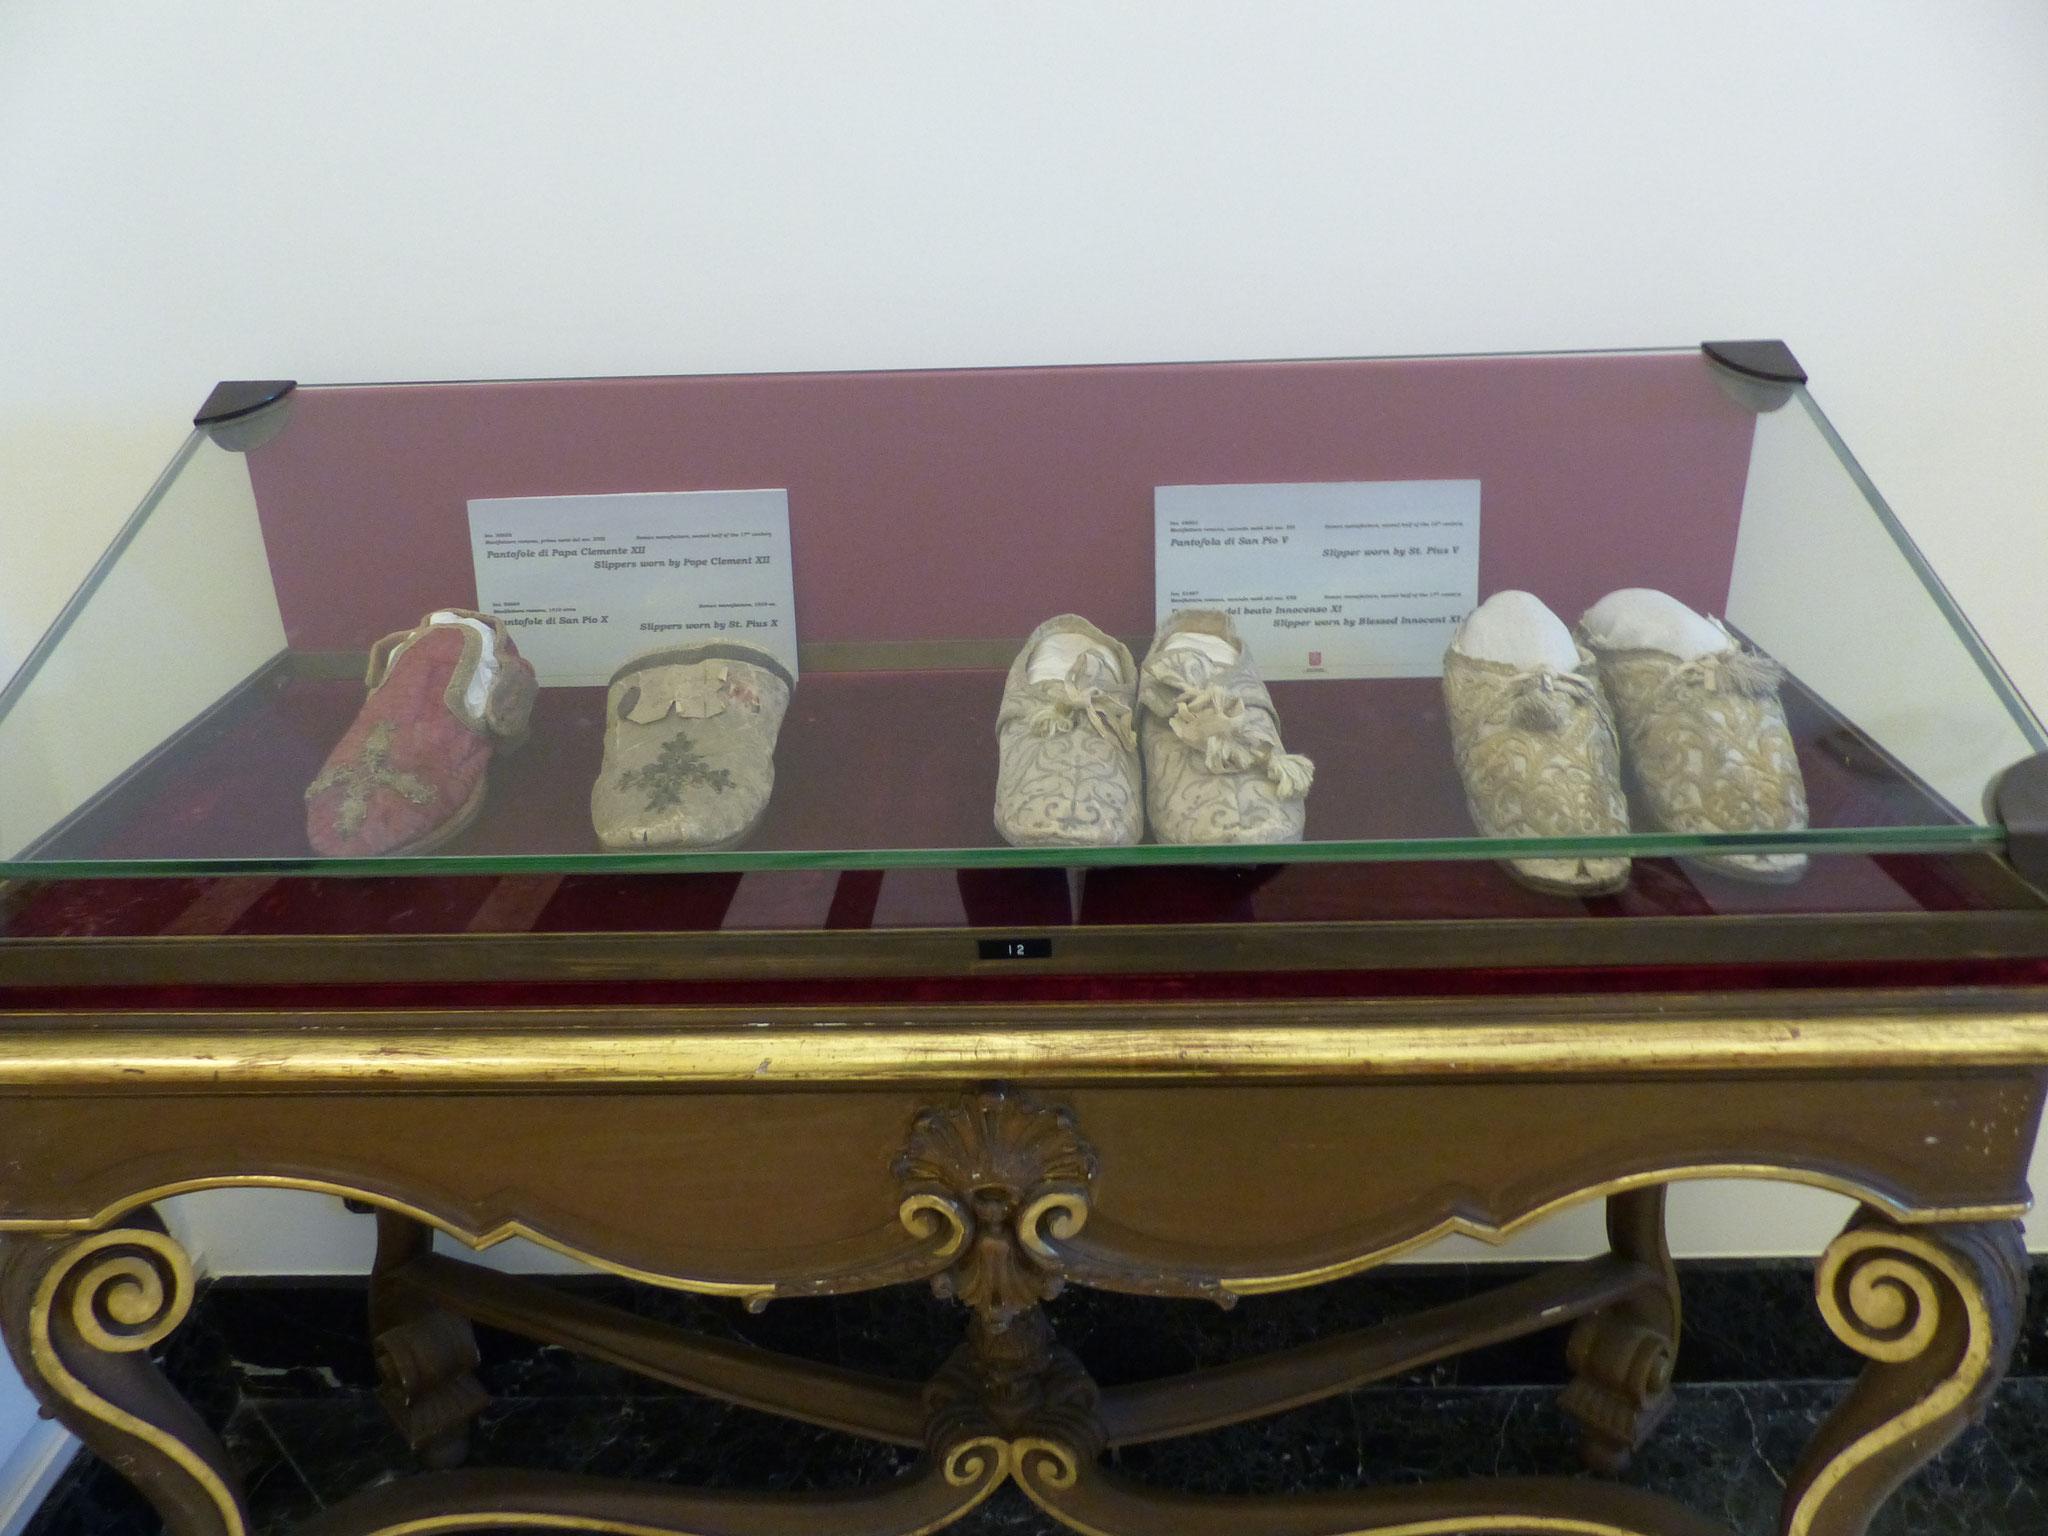 Papst Schuhe